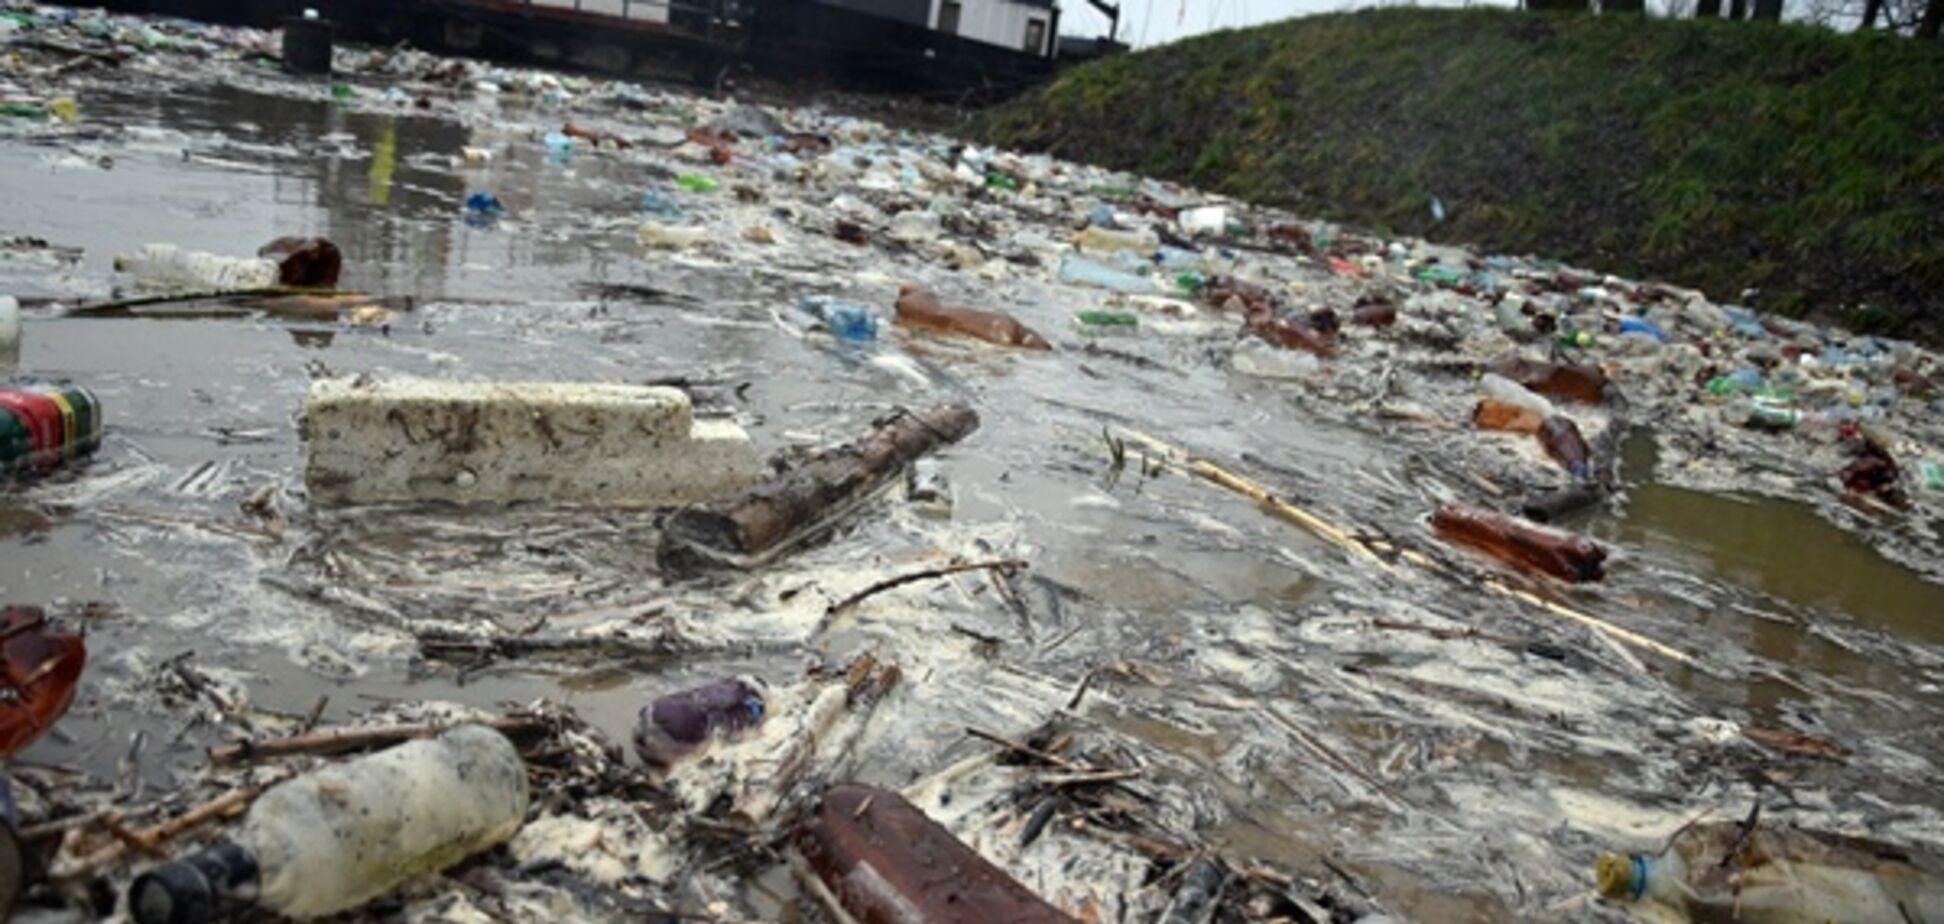 Тонны мусора из Украины приплыли в ЕС: жуткие фото ЧП